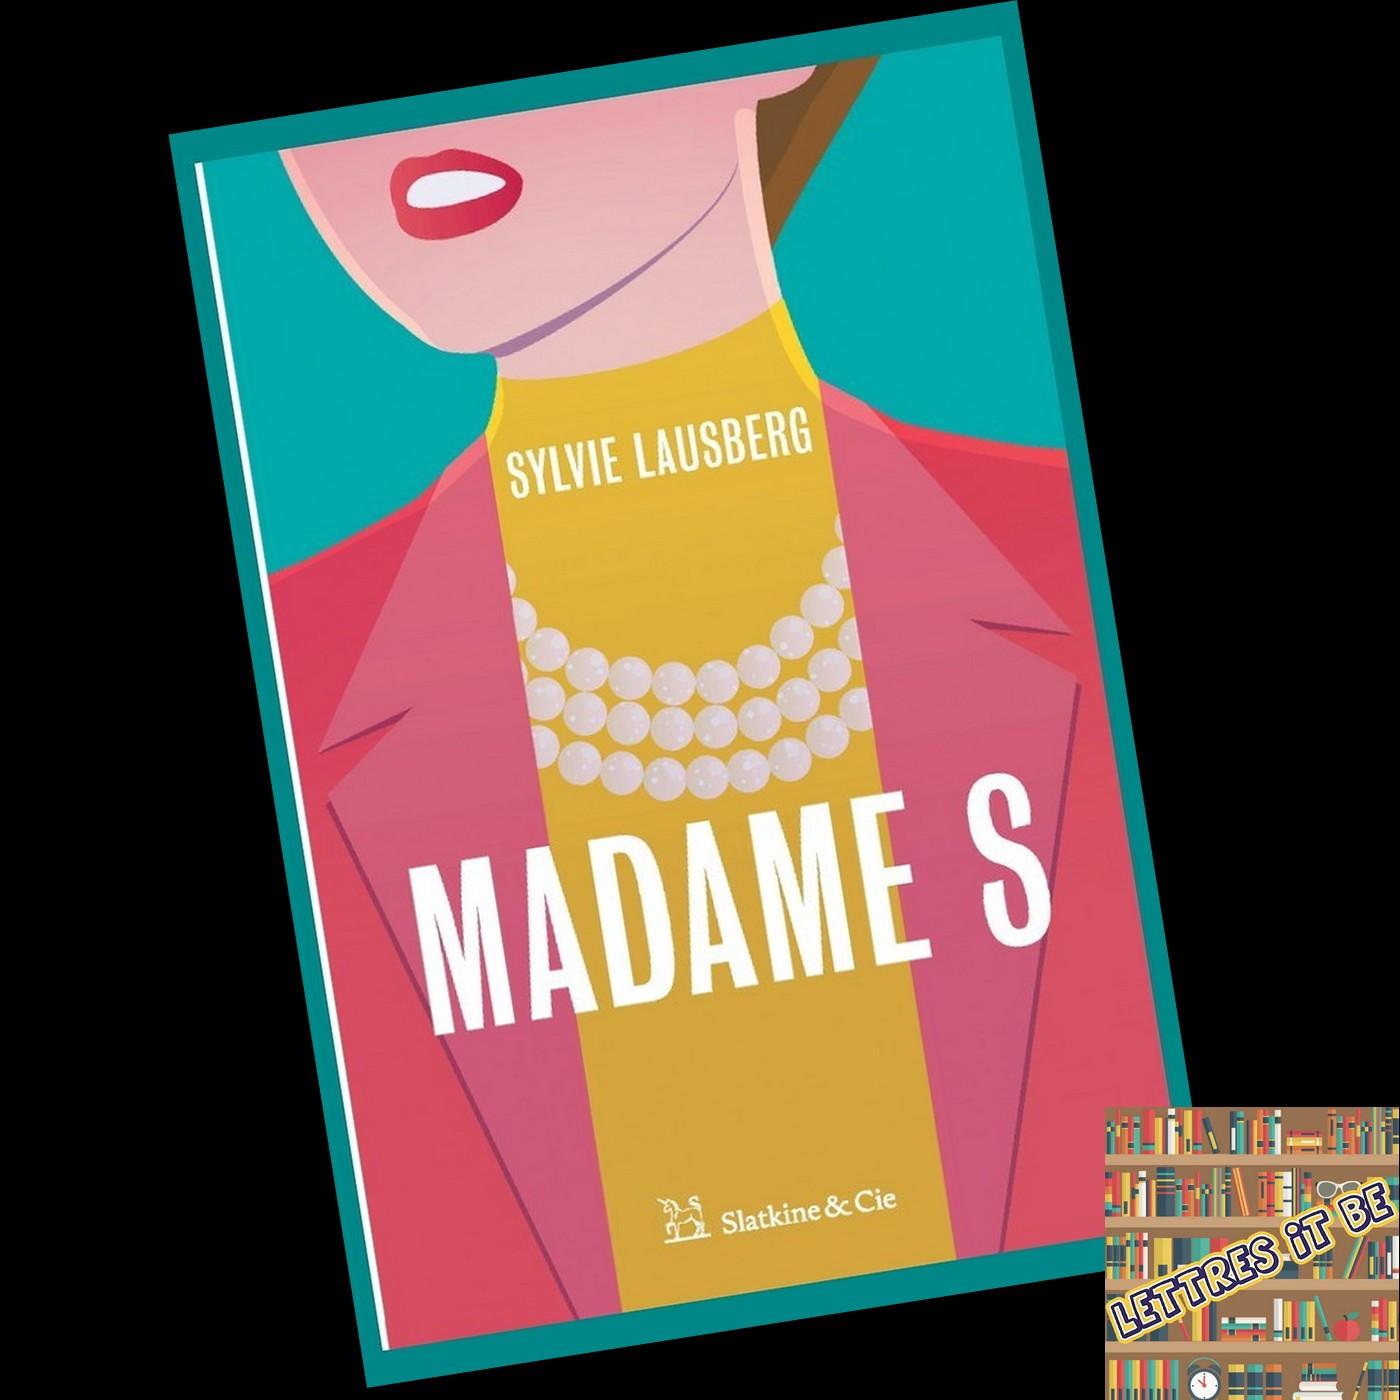 Critique de Madame S de Sylvie Lausberg (Livre)